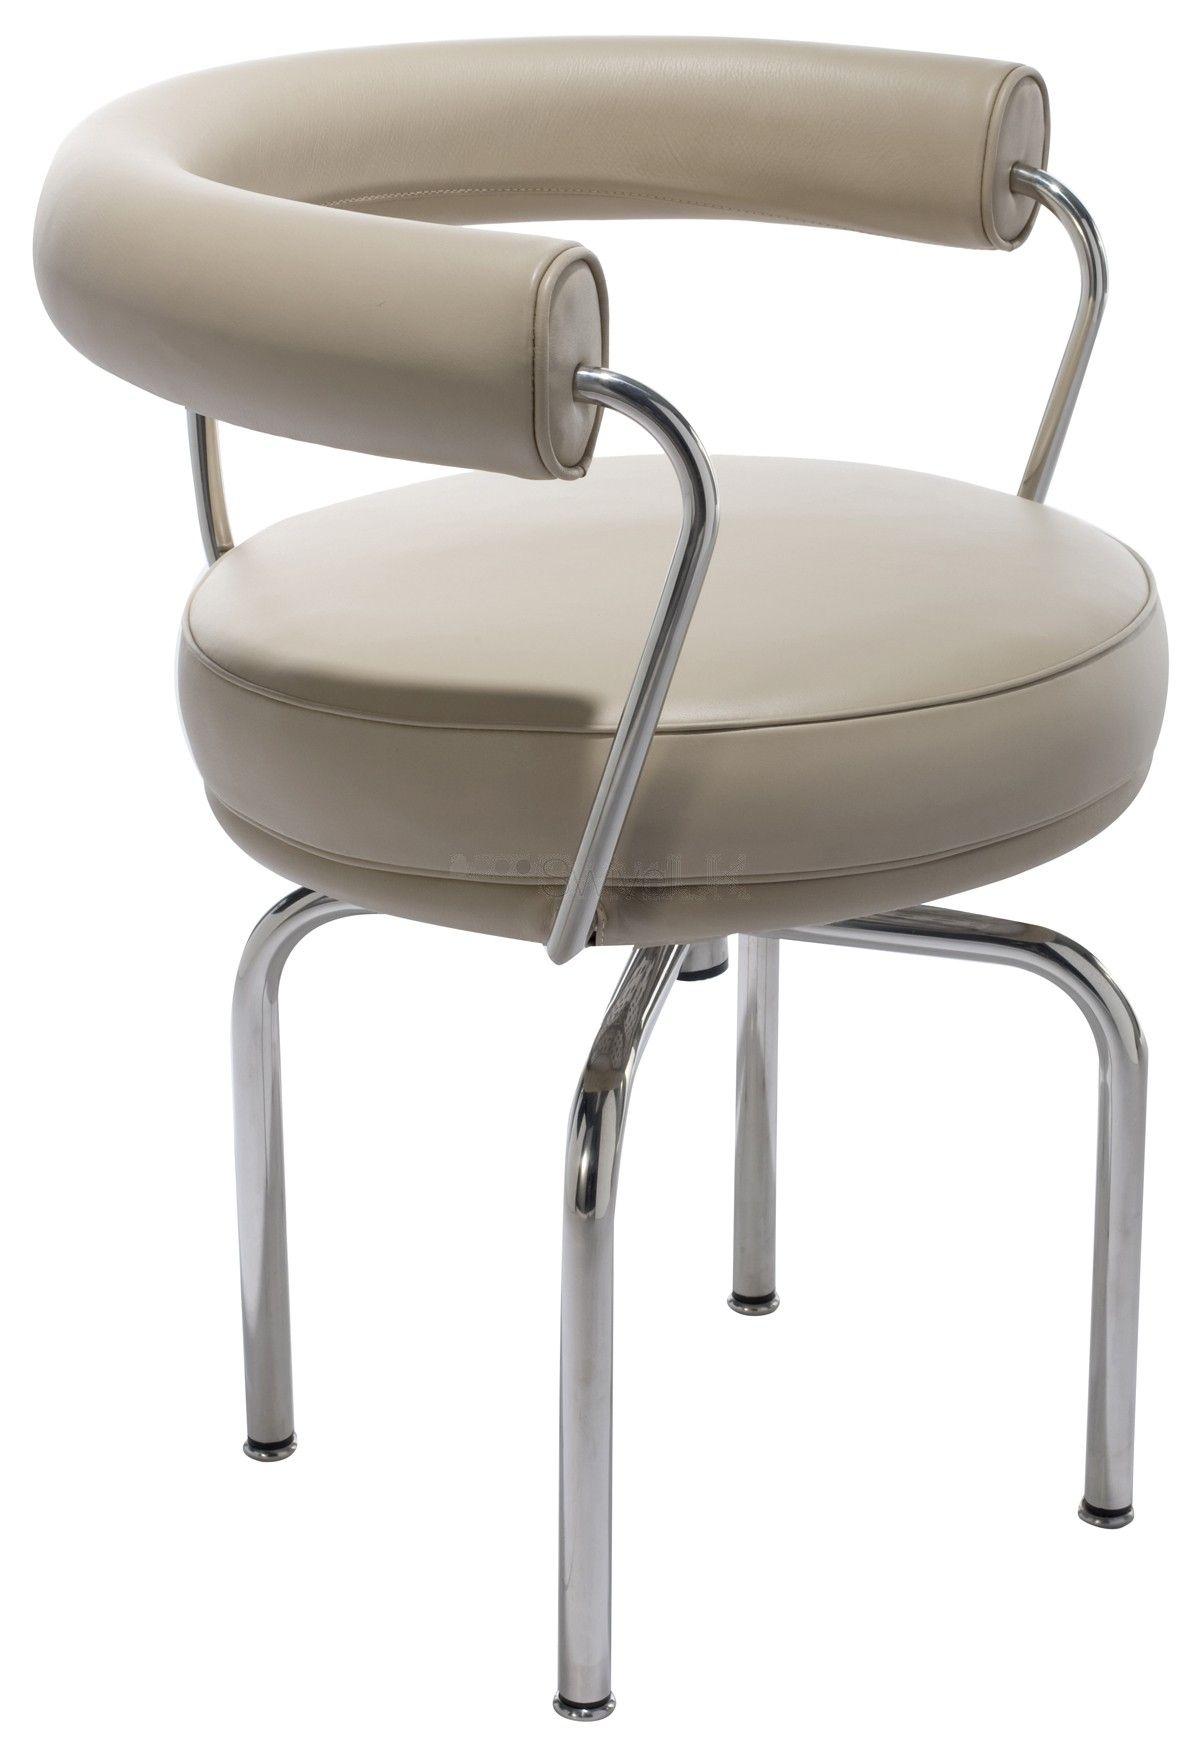 le corbusier dessina cette chaise pivotante lc7 en 1929 pour charlotte perriand a l instar de ses creations destinees au salon d automne de paris